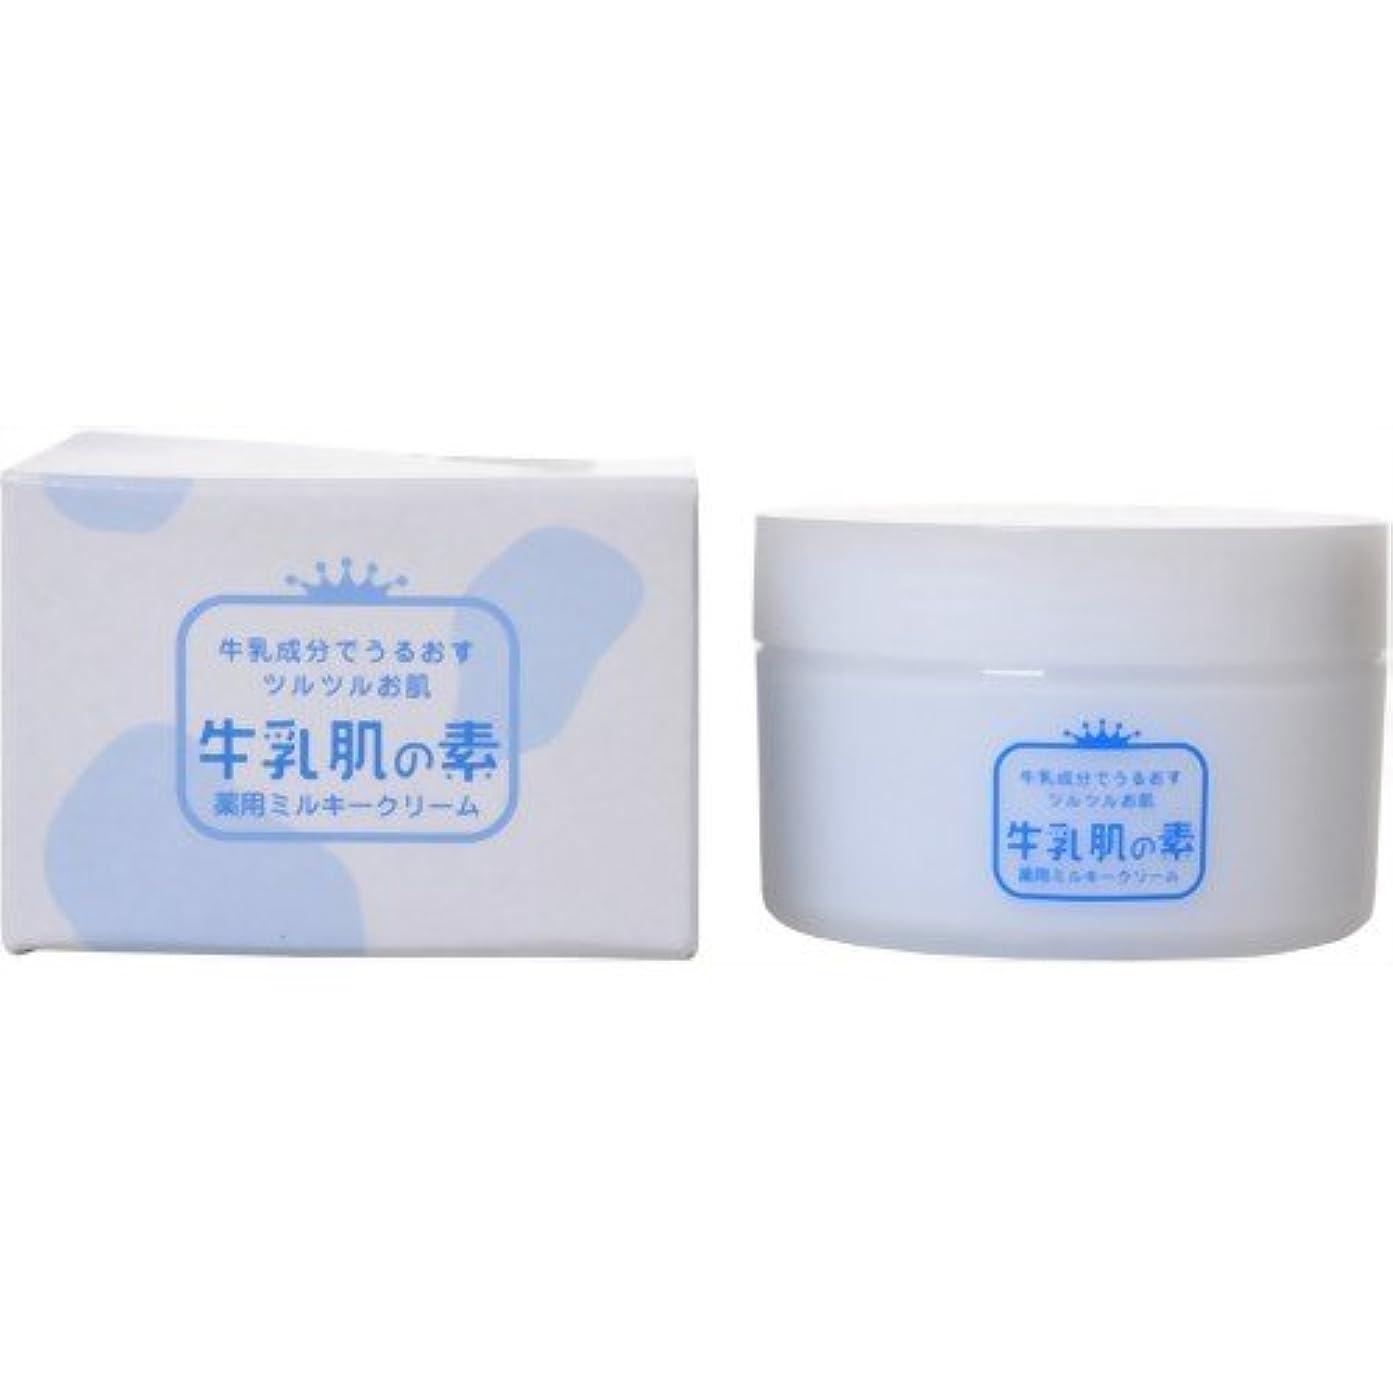 エスカレーター直面する複雑牛乳肌の素 薬用ミルキークリーム 90g 医薬部外品